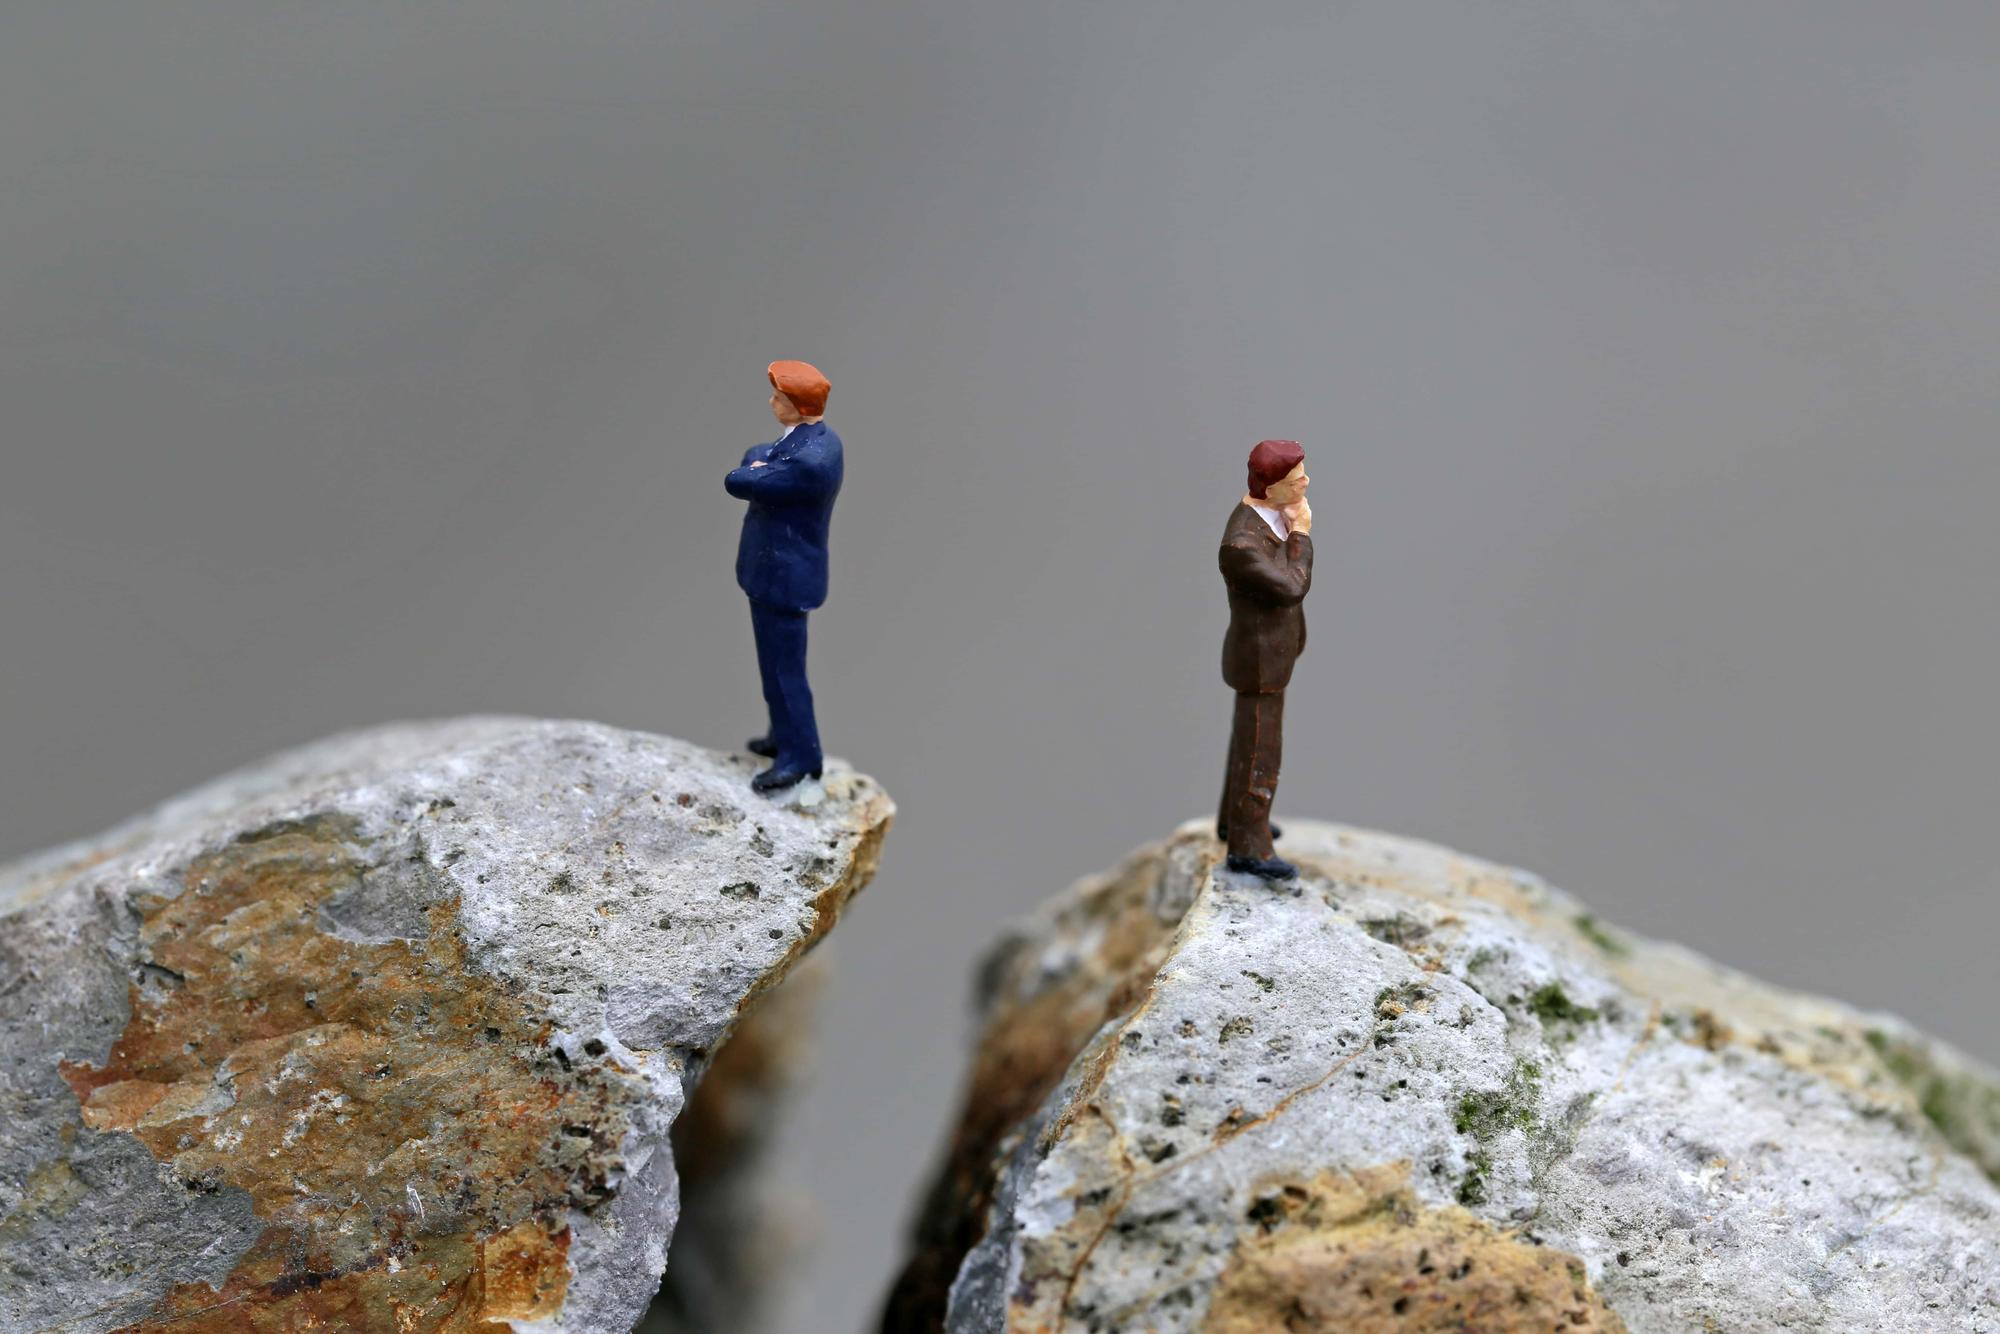 営業VSエンジニア~対立の理由&対立を解消するには?